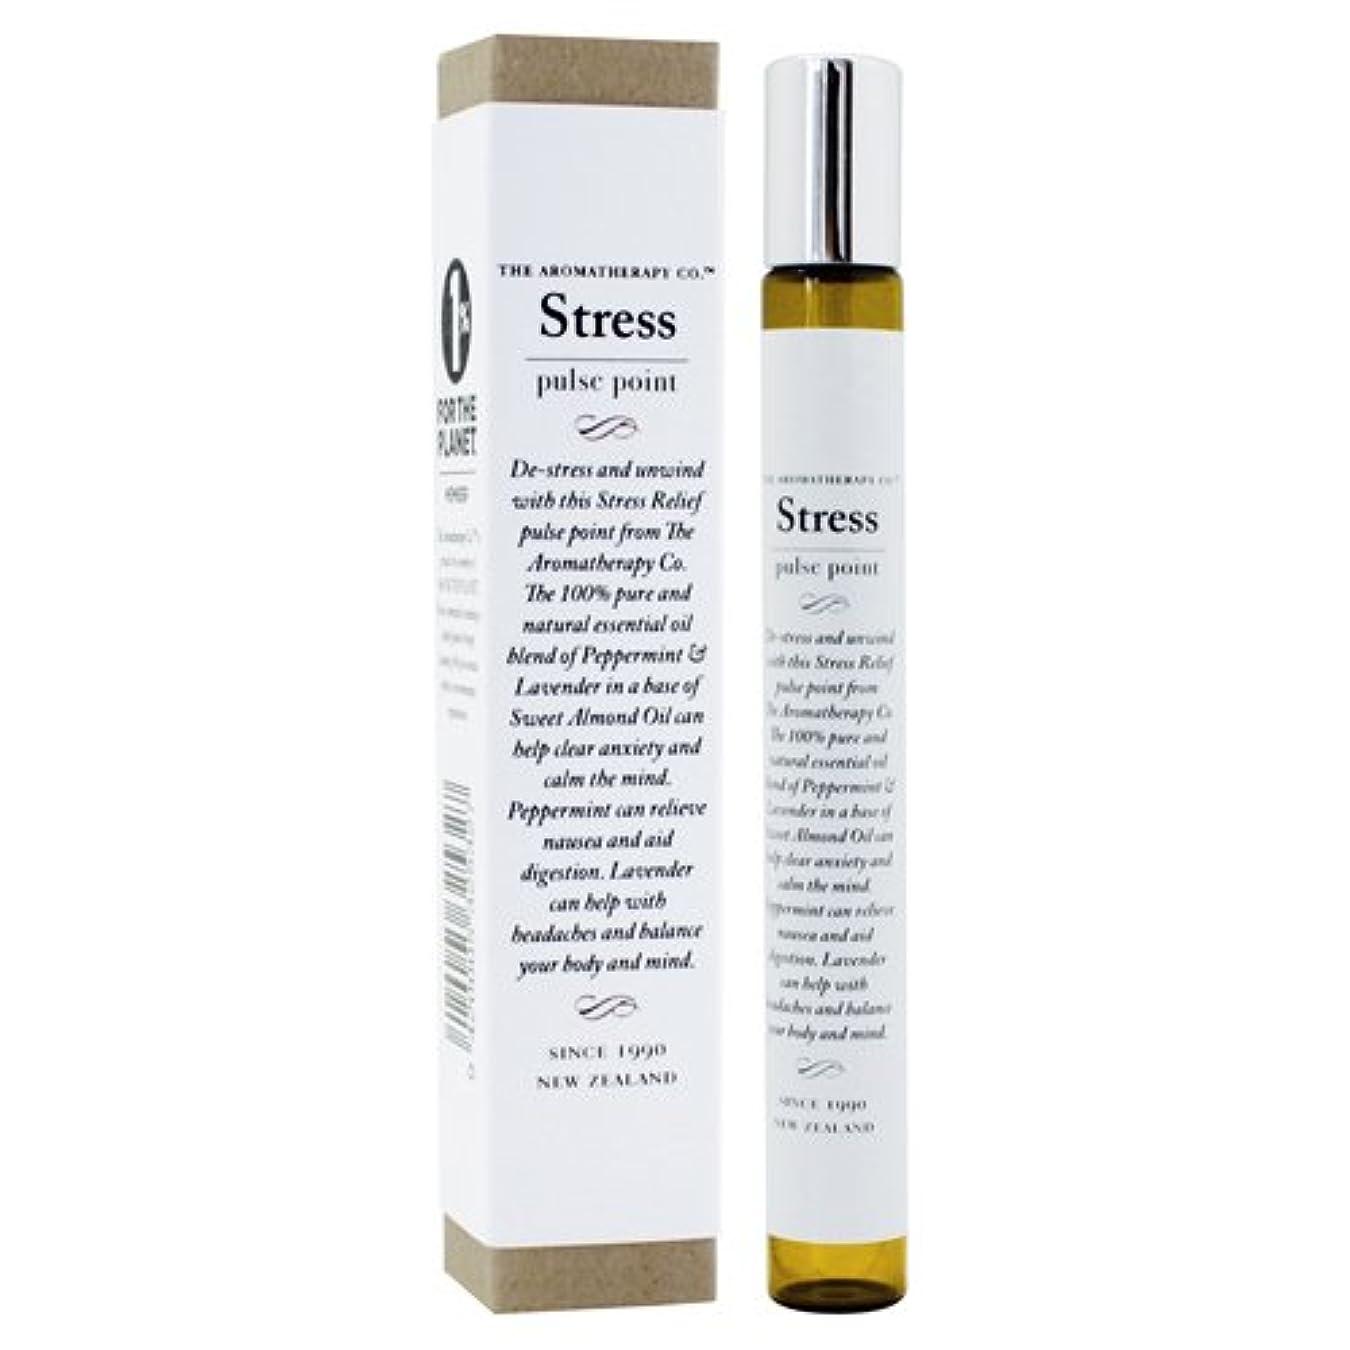 もっともらしいキモいフェンスTherapy Range セラピーレンジ Pulse Pointパルスポイント Stressストレス